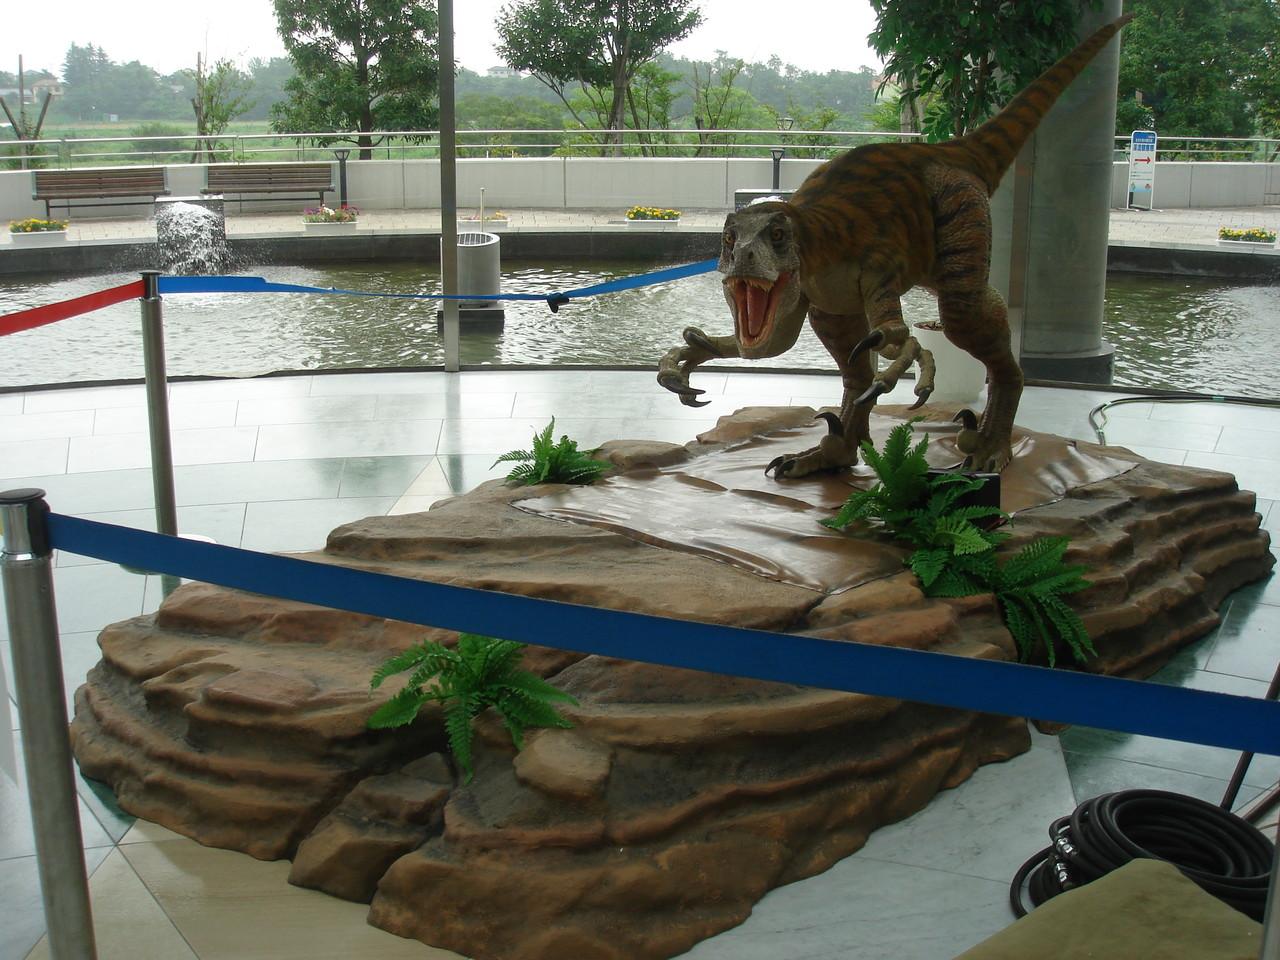 恐竜が乗っている下台を製作施工いたしました。台は樹脂製です。